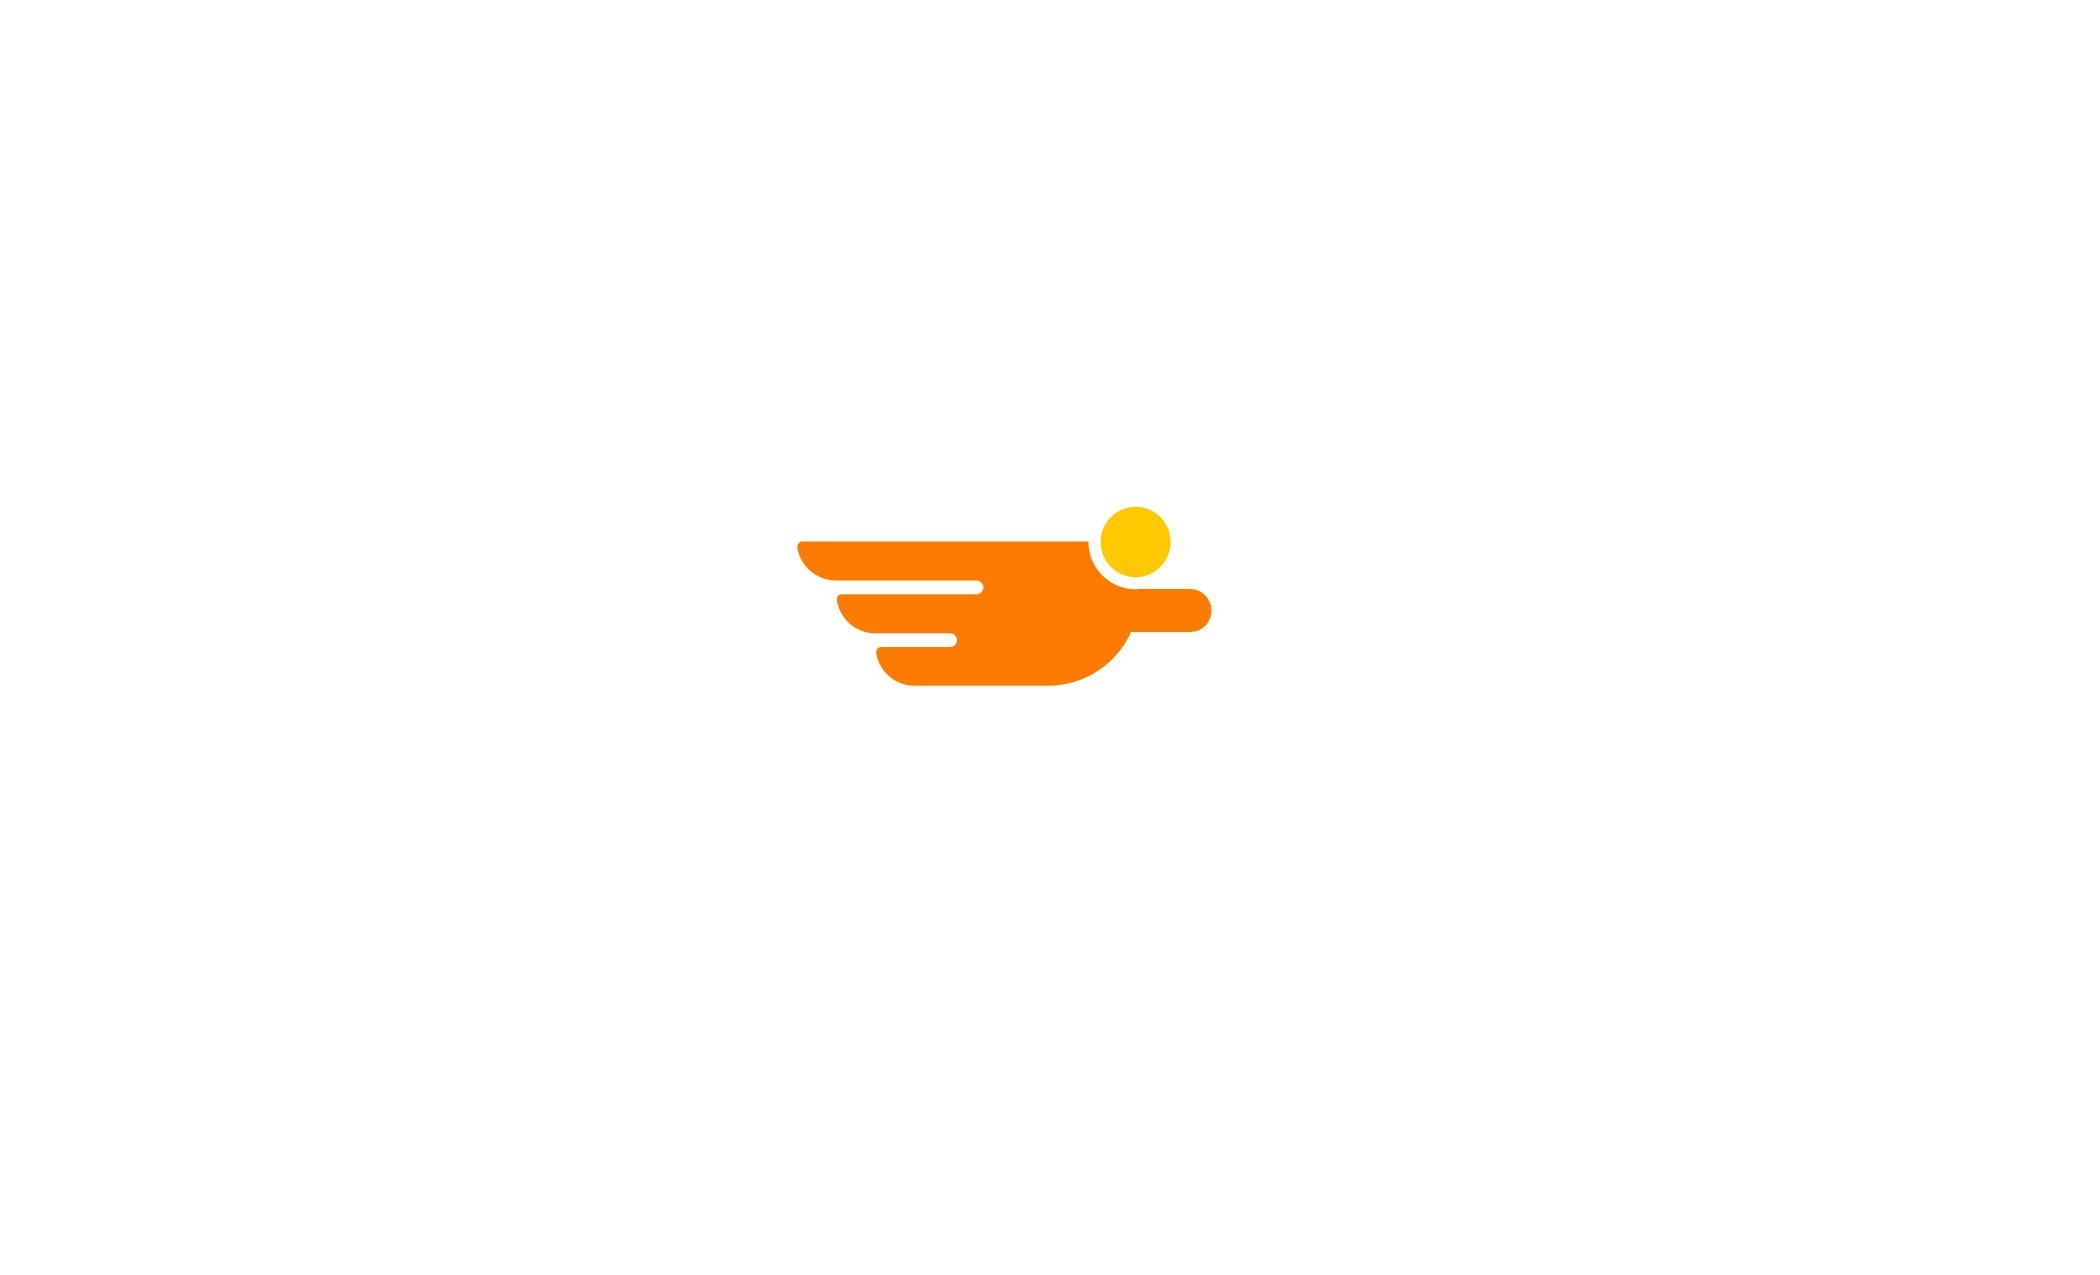 Design a logo for Commerce Hero